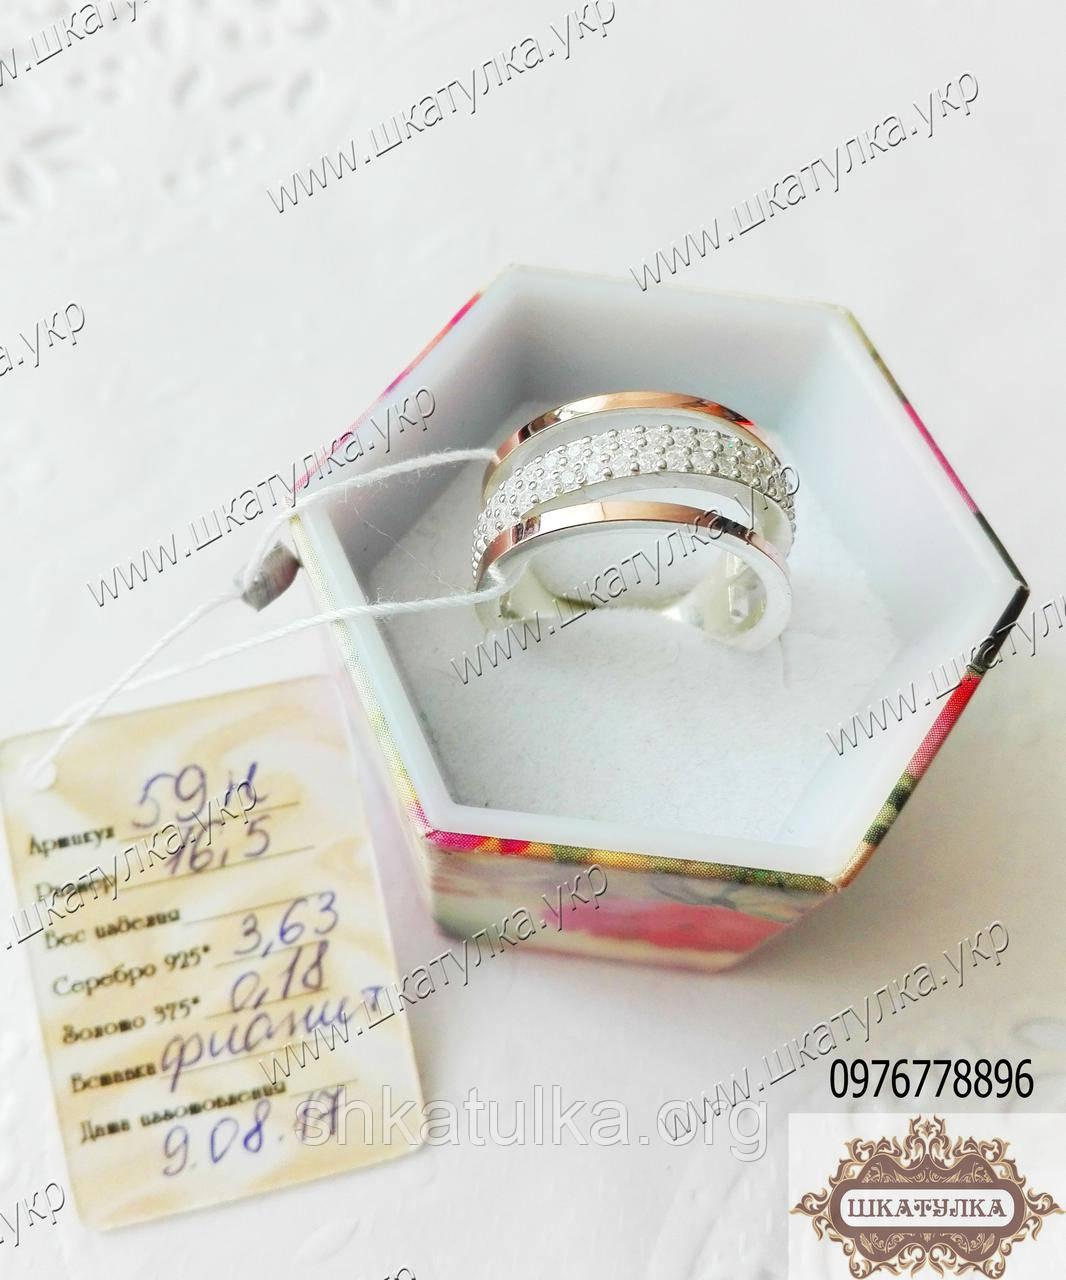 Серебряное кольцо с вставками золота и фианитами №59н